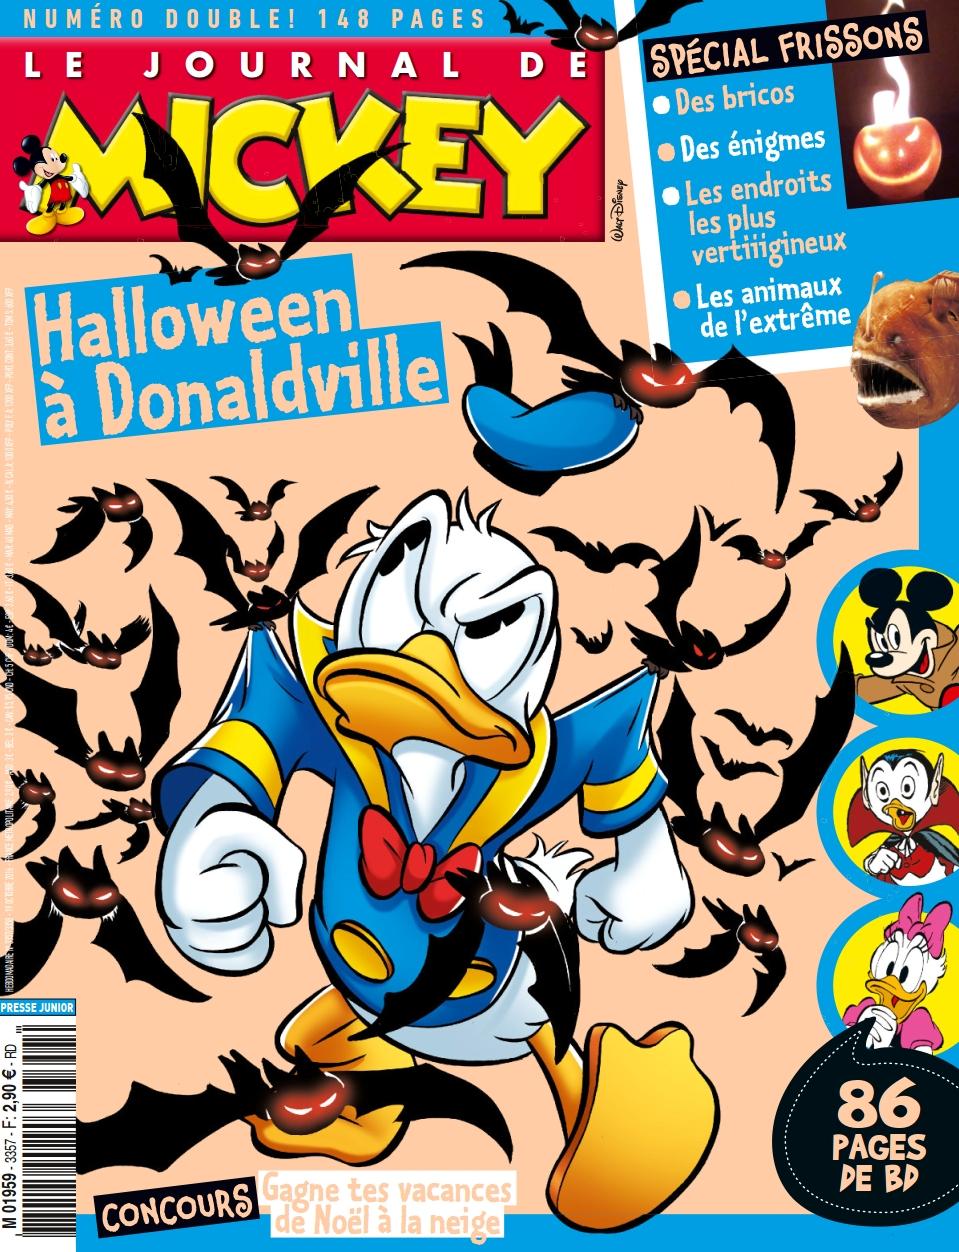 Le Journal de Mickey 3357 - 19 Octobre 2016